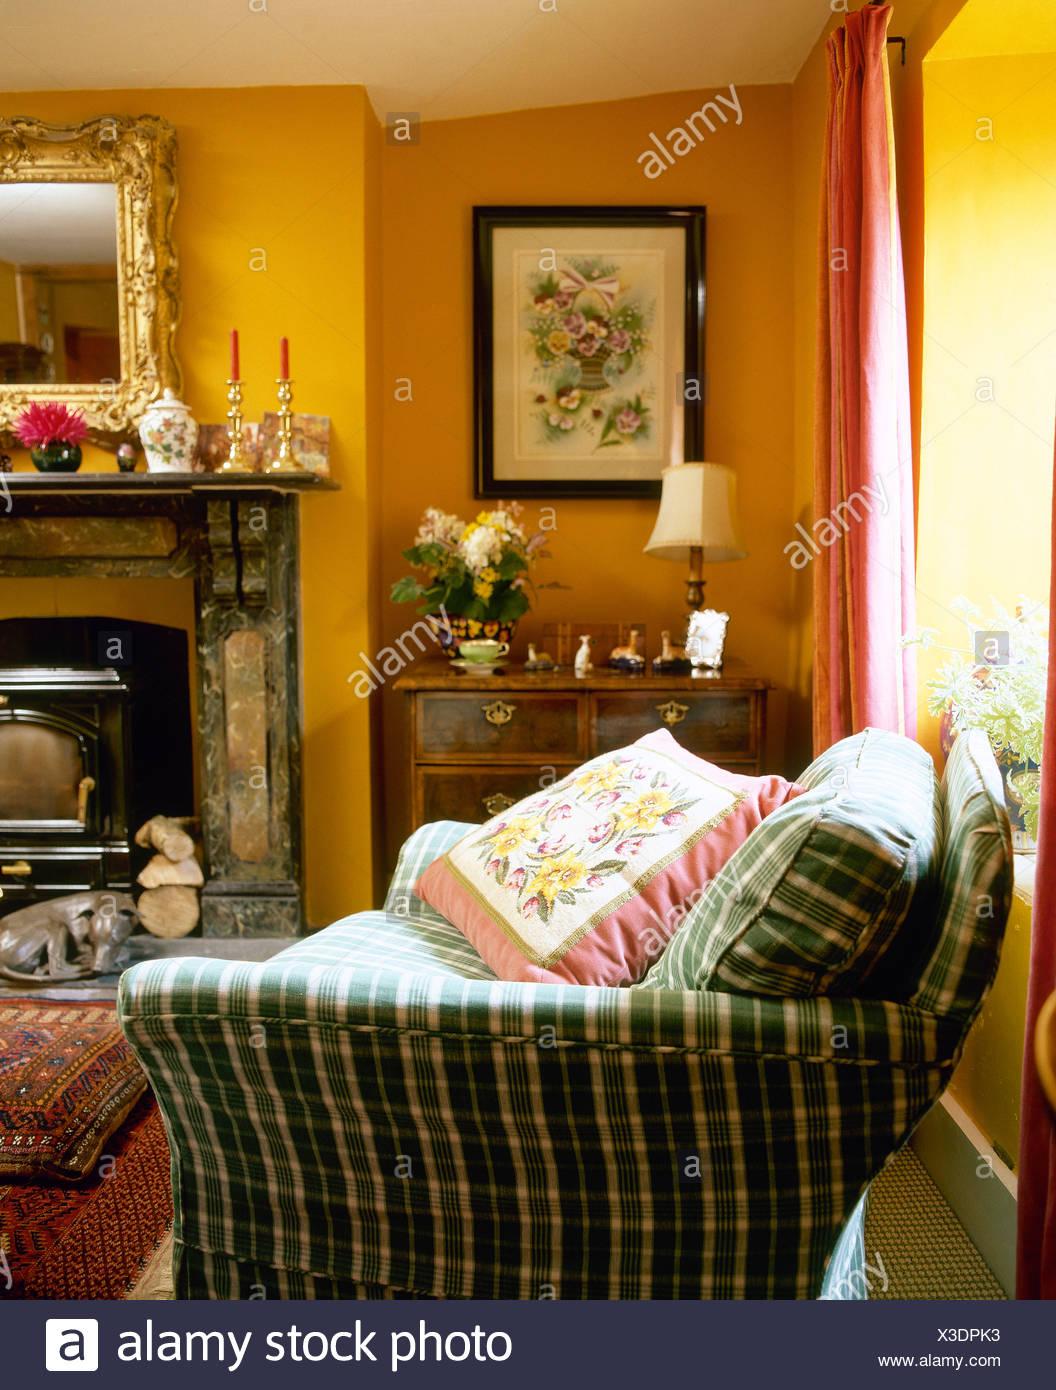 Grün überprüft Sofa mit rosa Blumen Kissen in blass orange ...